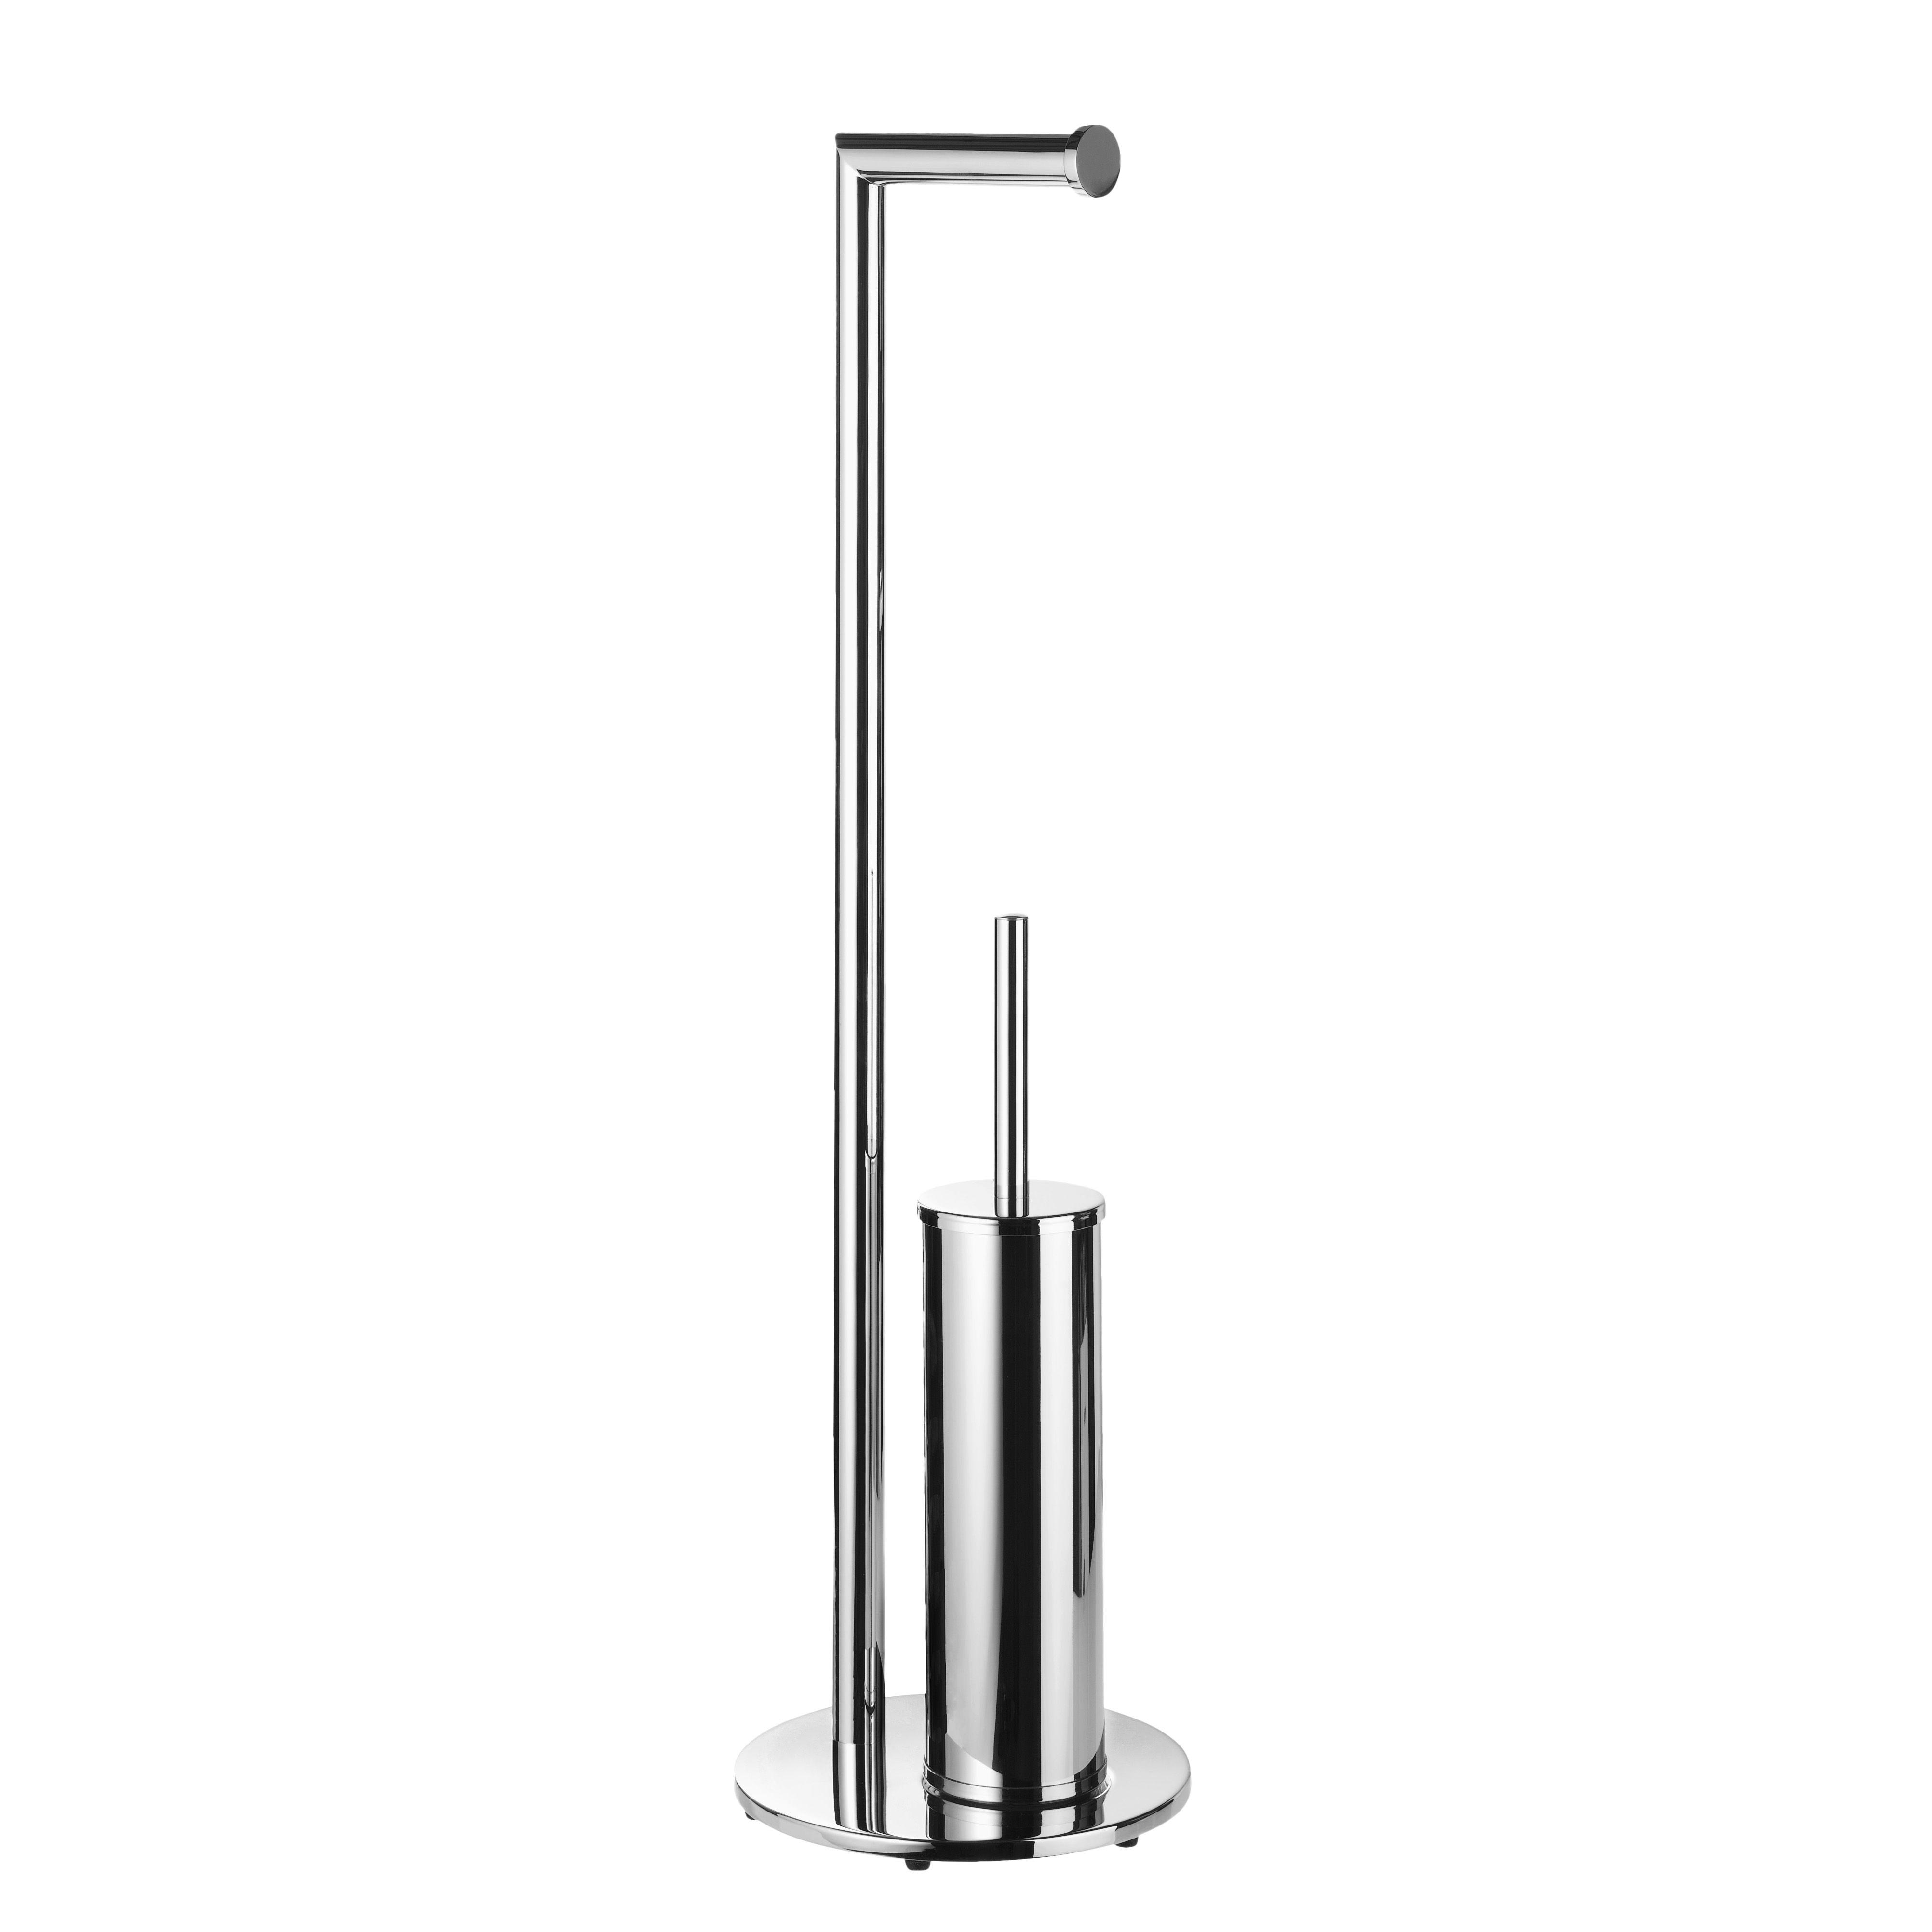 Toiletborstel standaard met rolhouder - Geesa